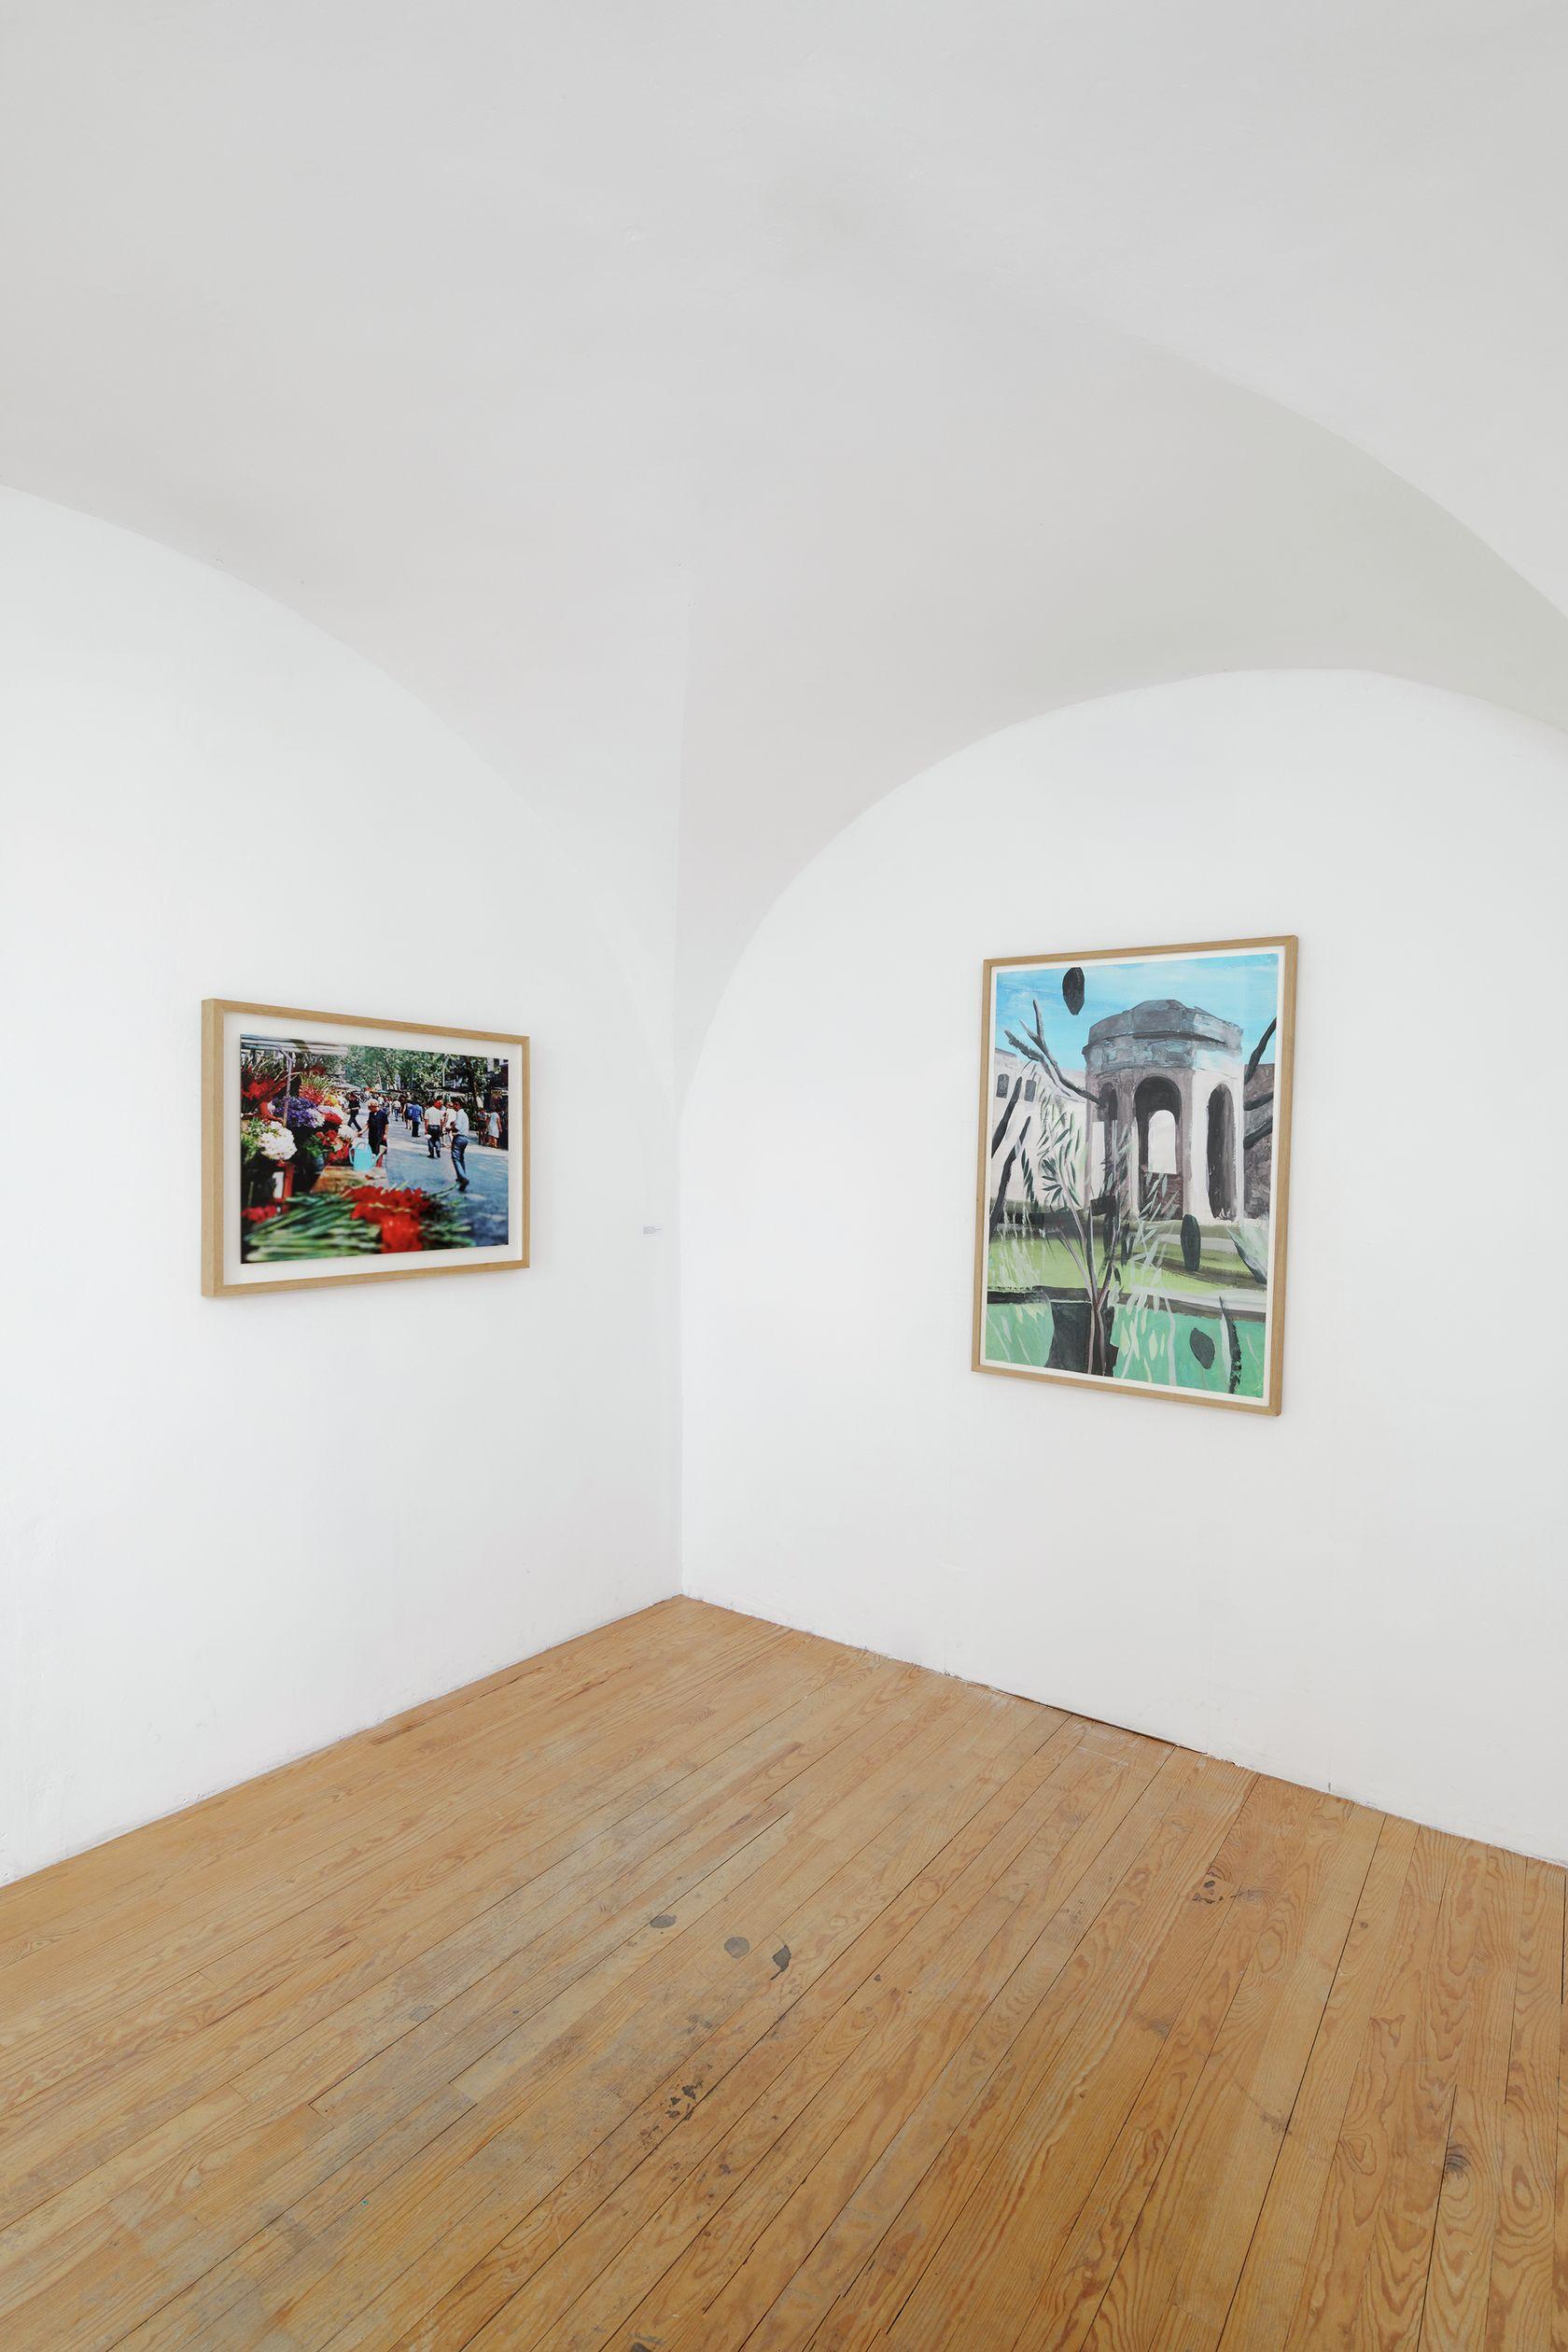 documentation céline duval, Vu! Rambla de las Flores,2015 Un goût de vacances, Abbaye Saint-André, Centre d'Art Contemporain, Meymac (FR) July 10 - October 17, 2021 © A. Mole